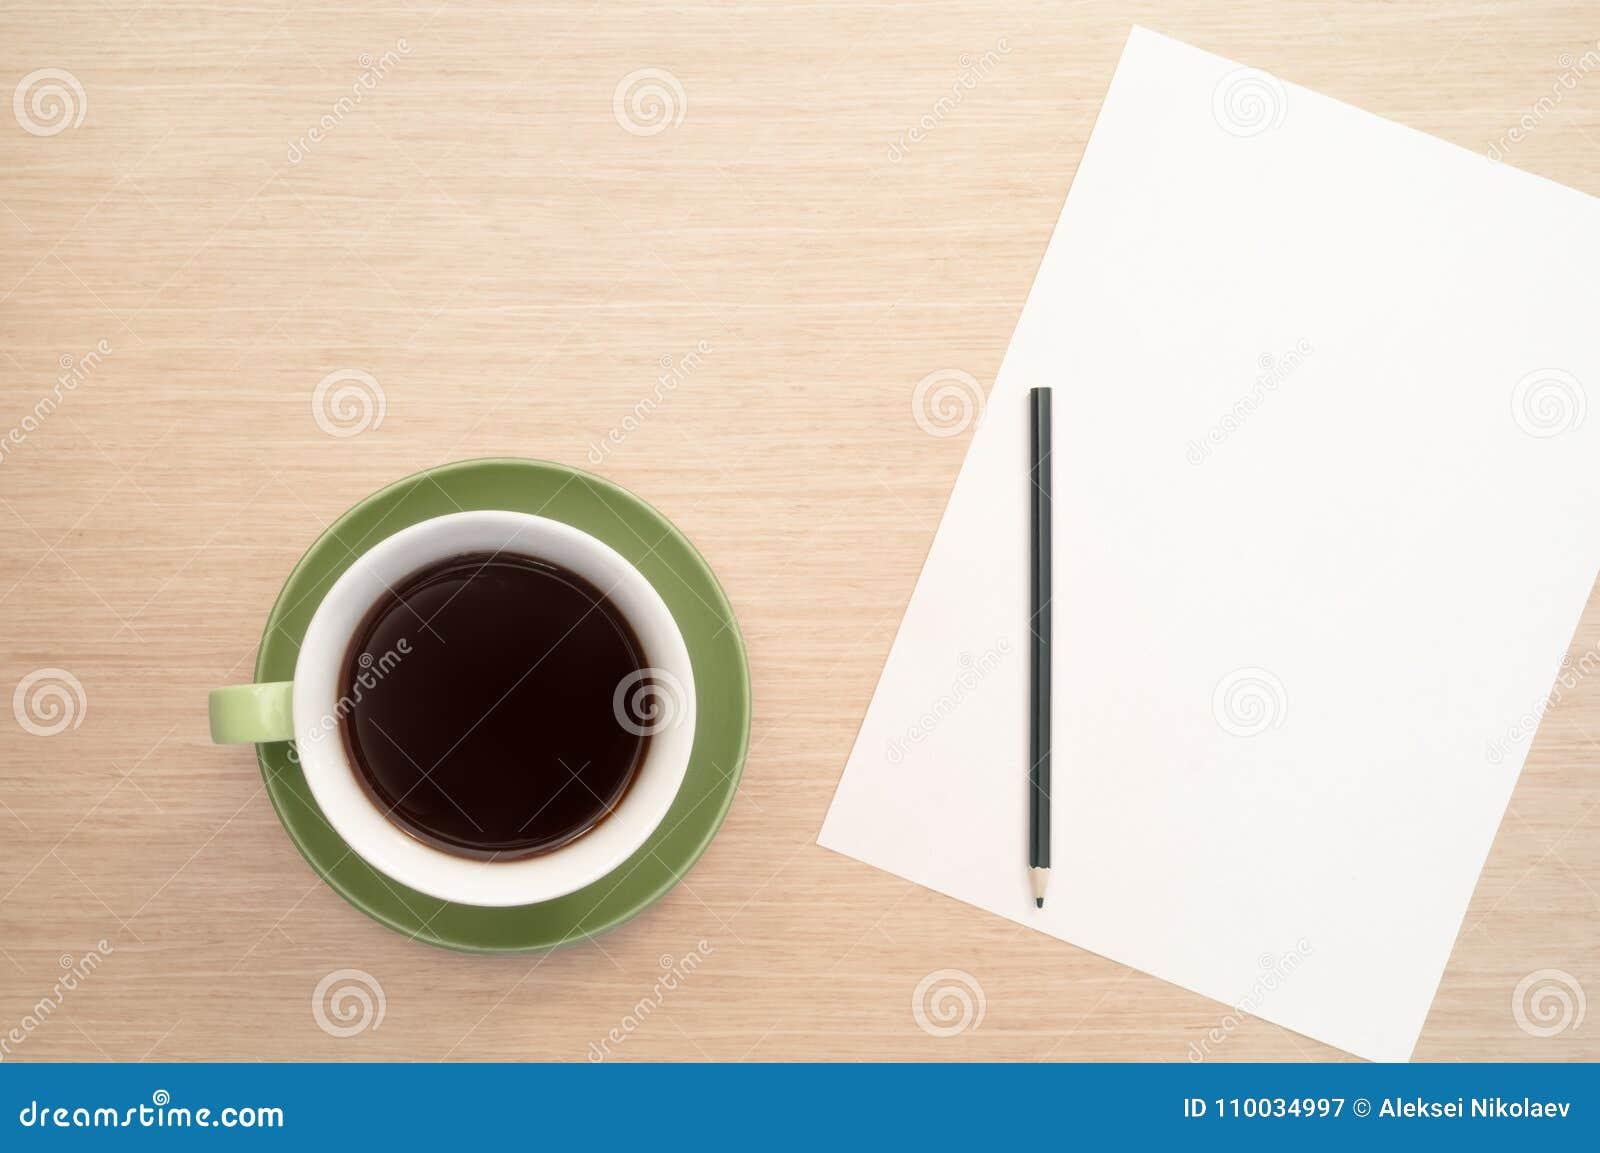 Een groene kop van koffie op de achtergrond van een lijst en een wit shee en een potlood